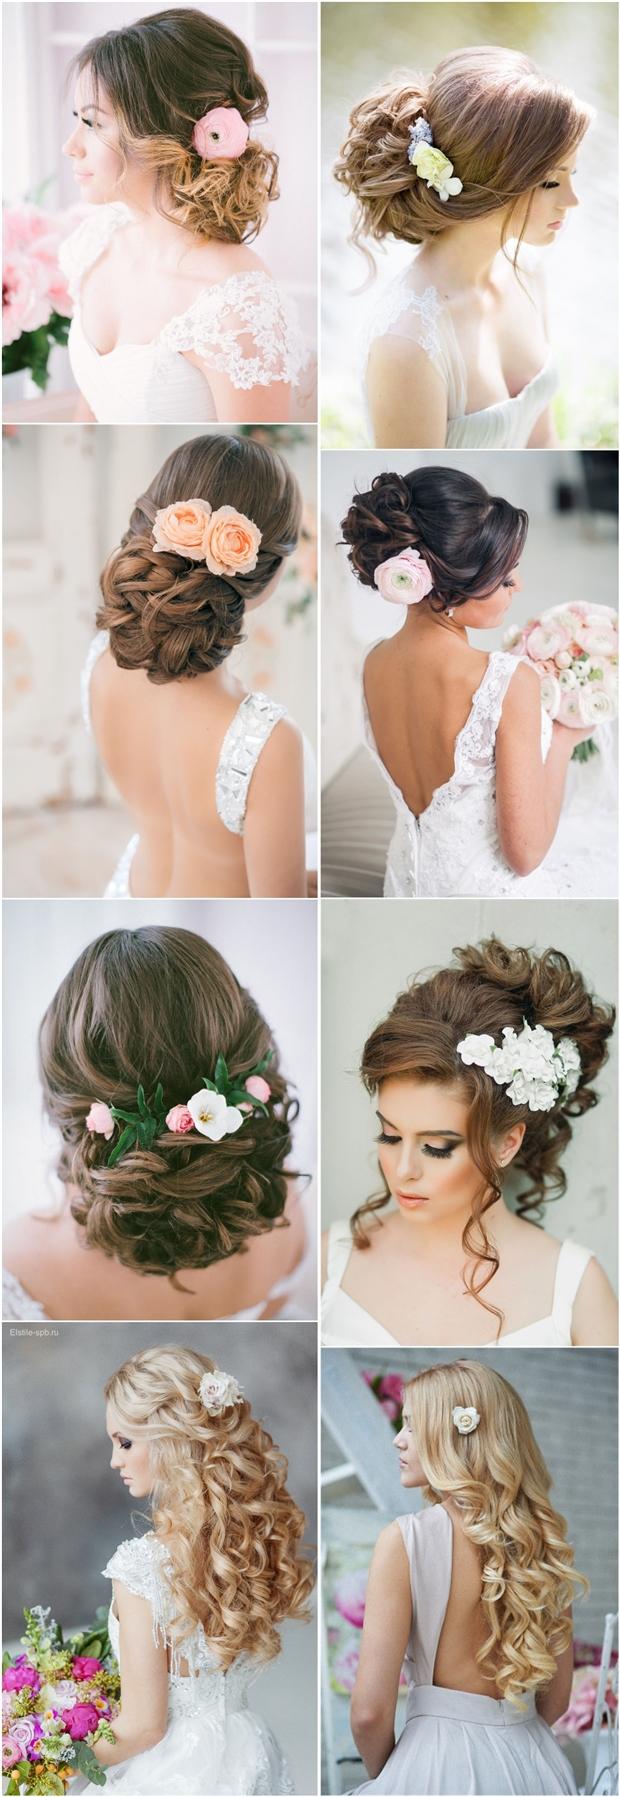 25 romantic long wedding hairstyles using flowers | deer